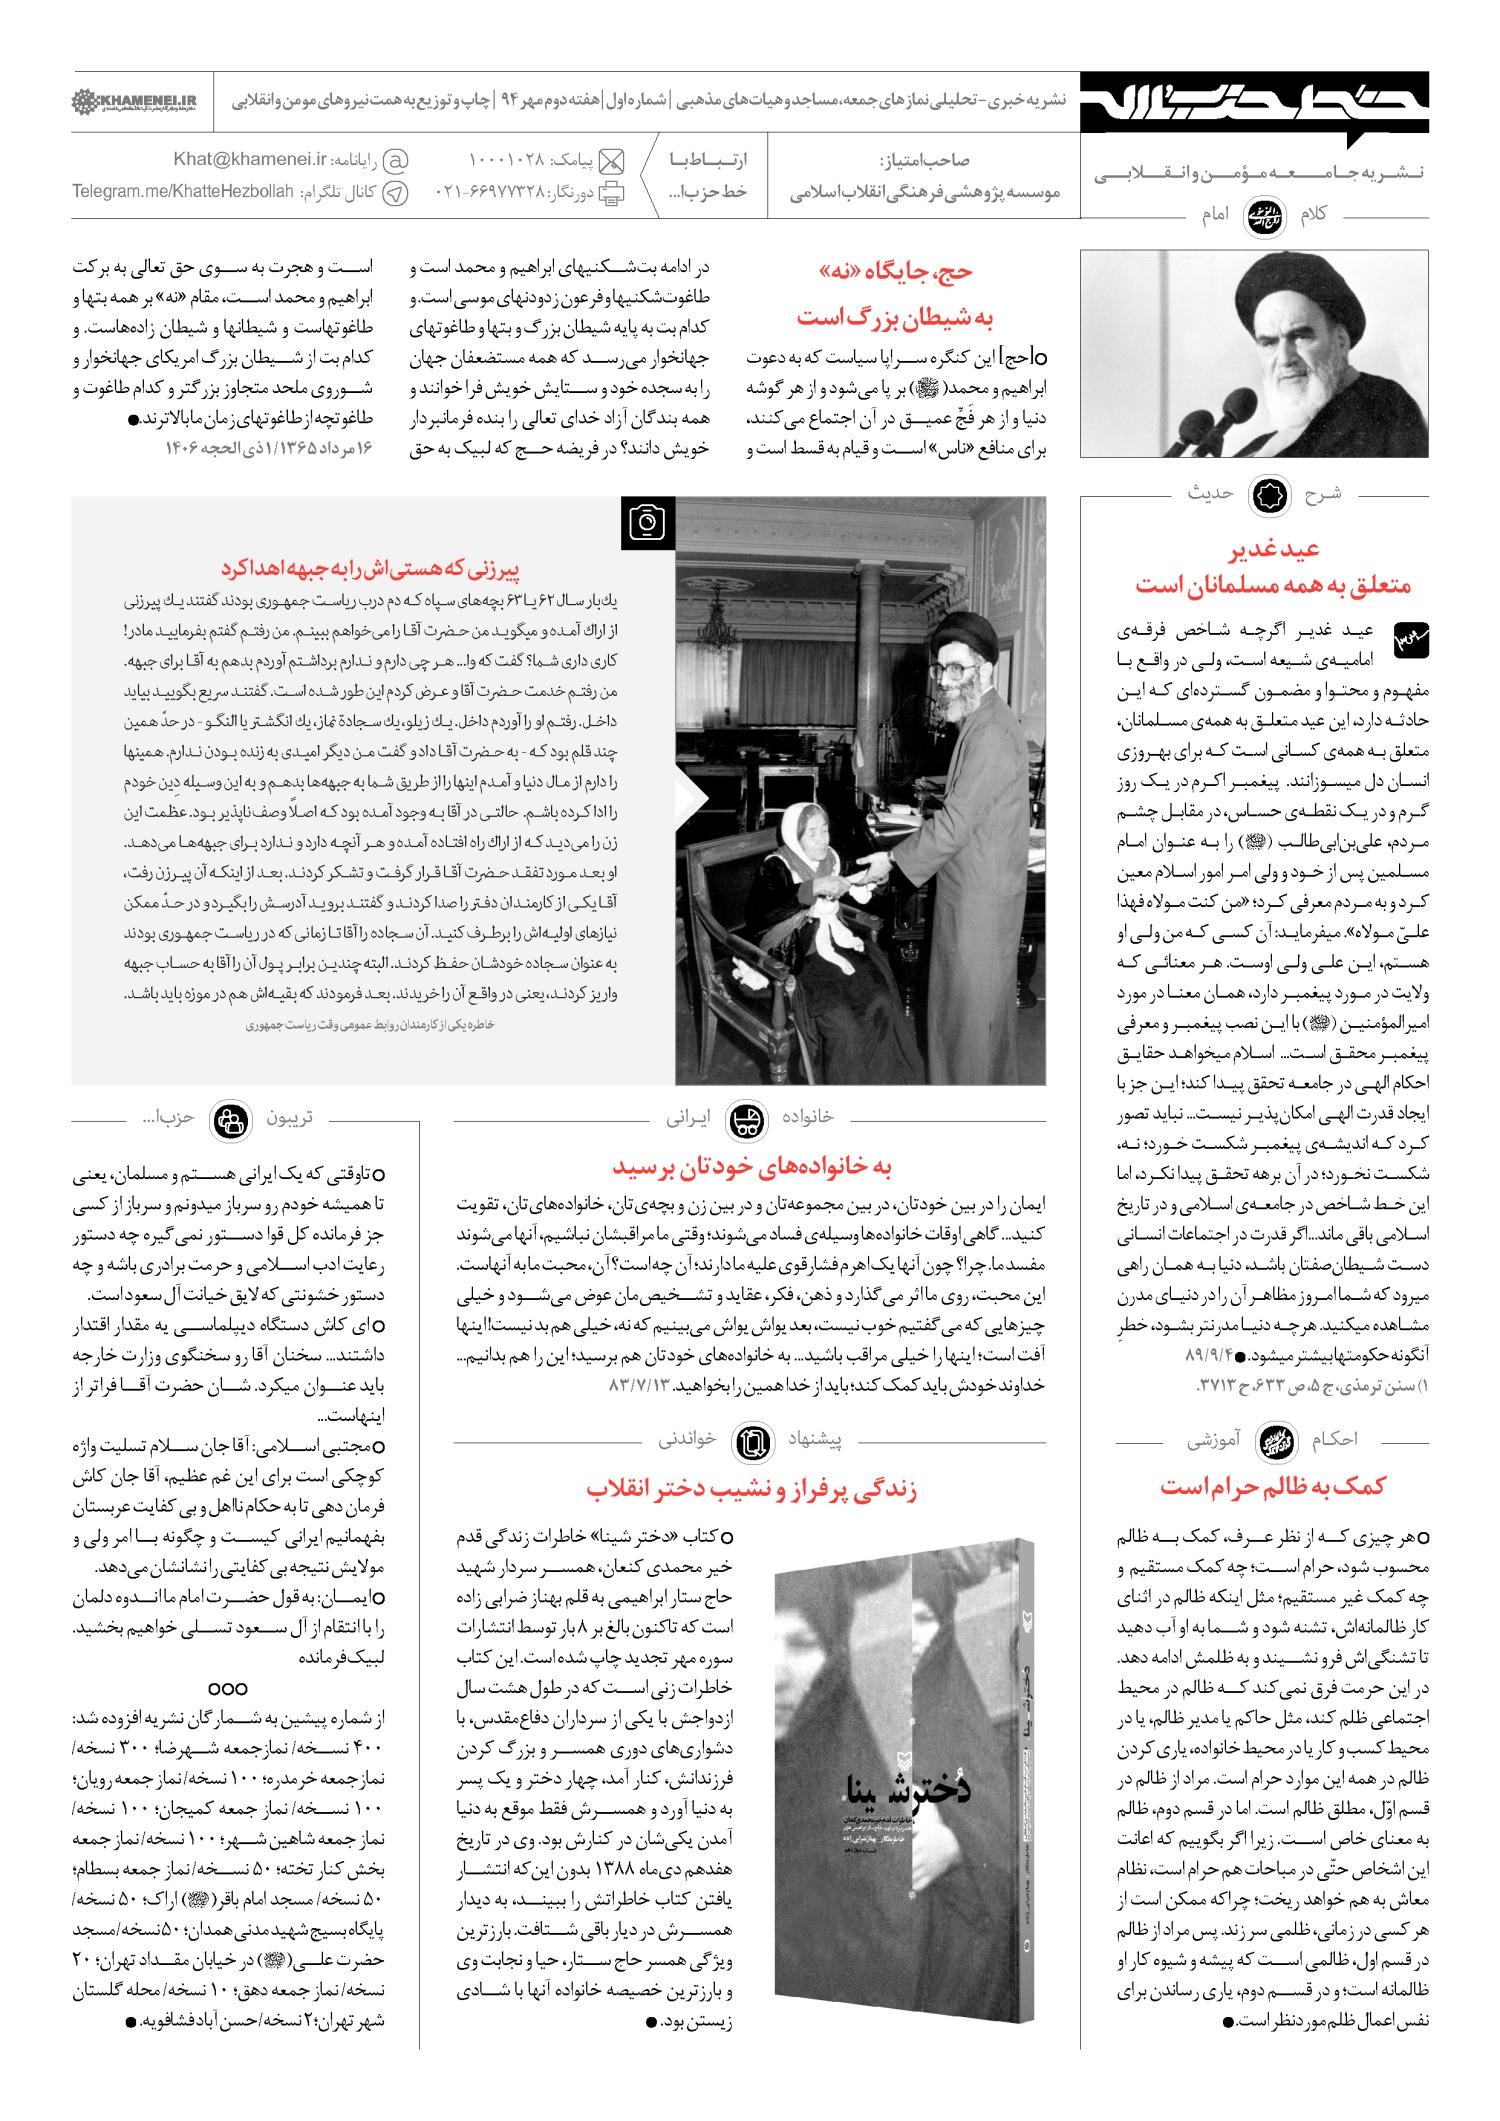 خط حزب الله -شماره اول page large 41